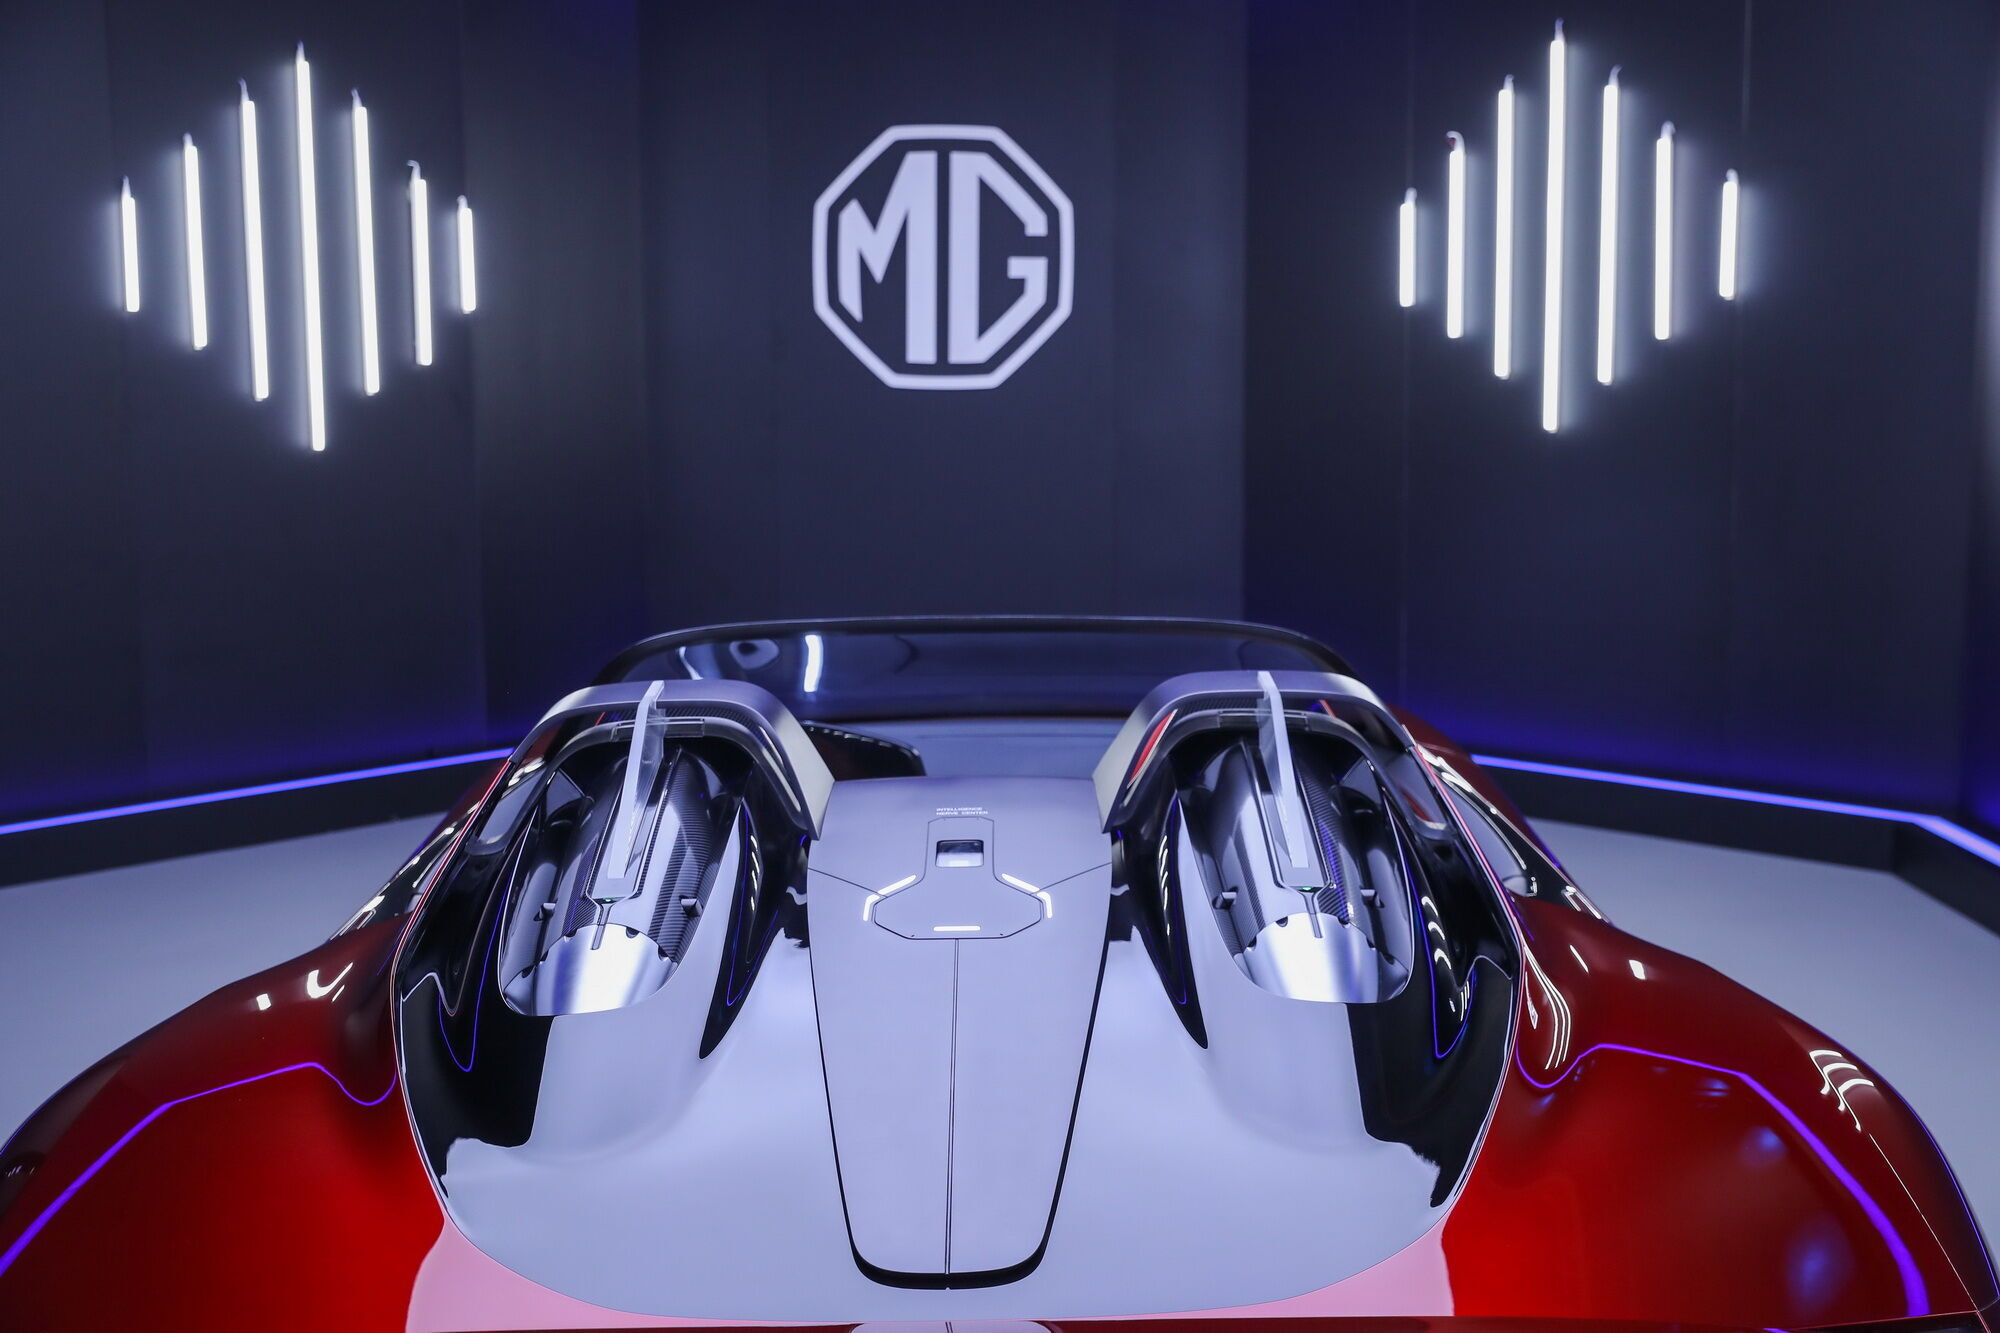 Концепт получил каркас безопасности с оригинальными аэродинамическими элементами в виде плавников